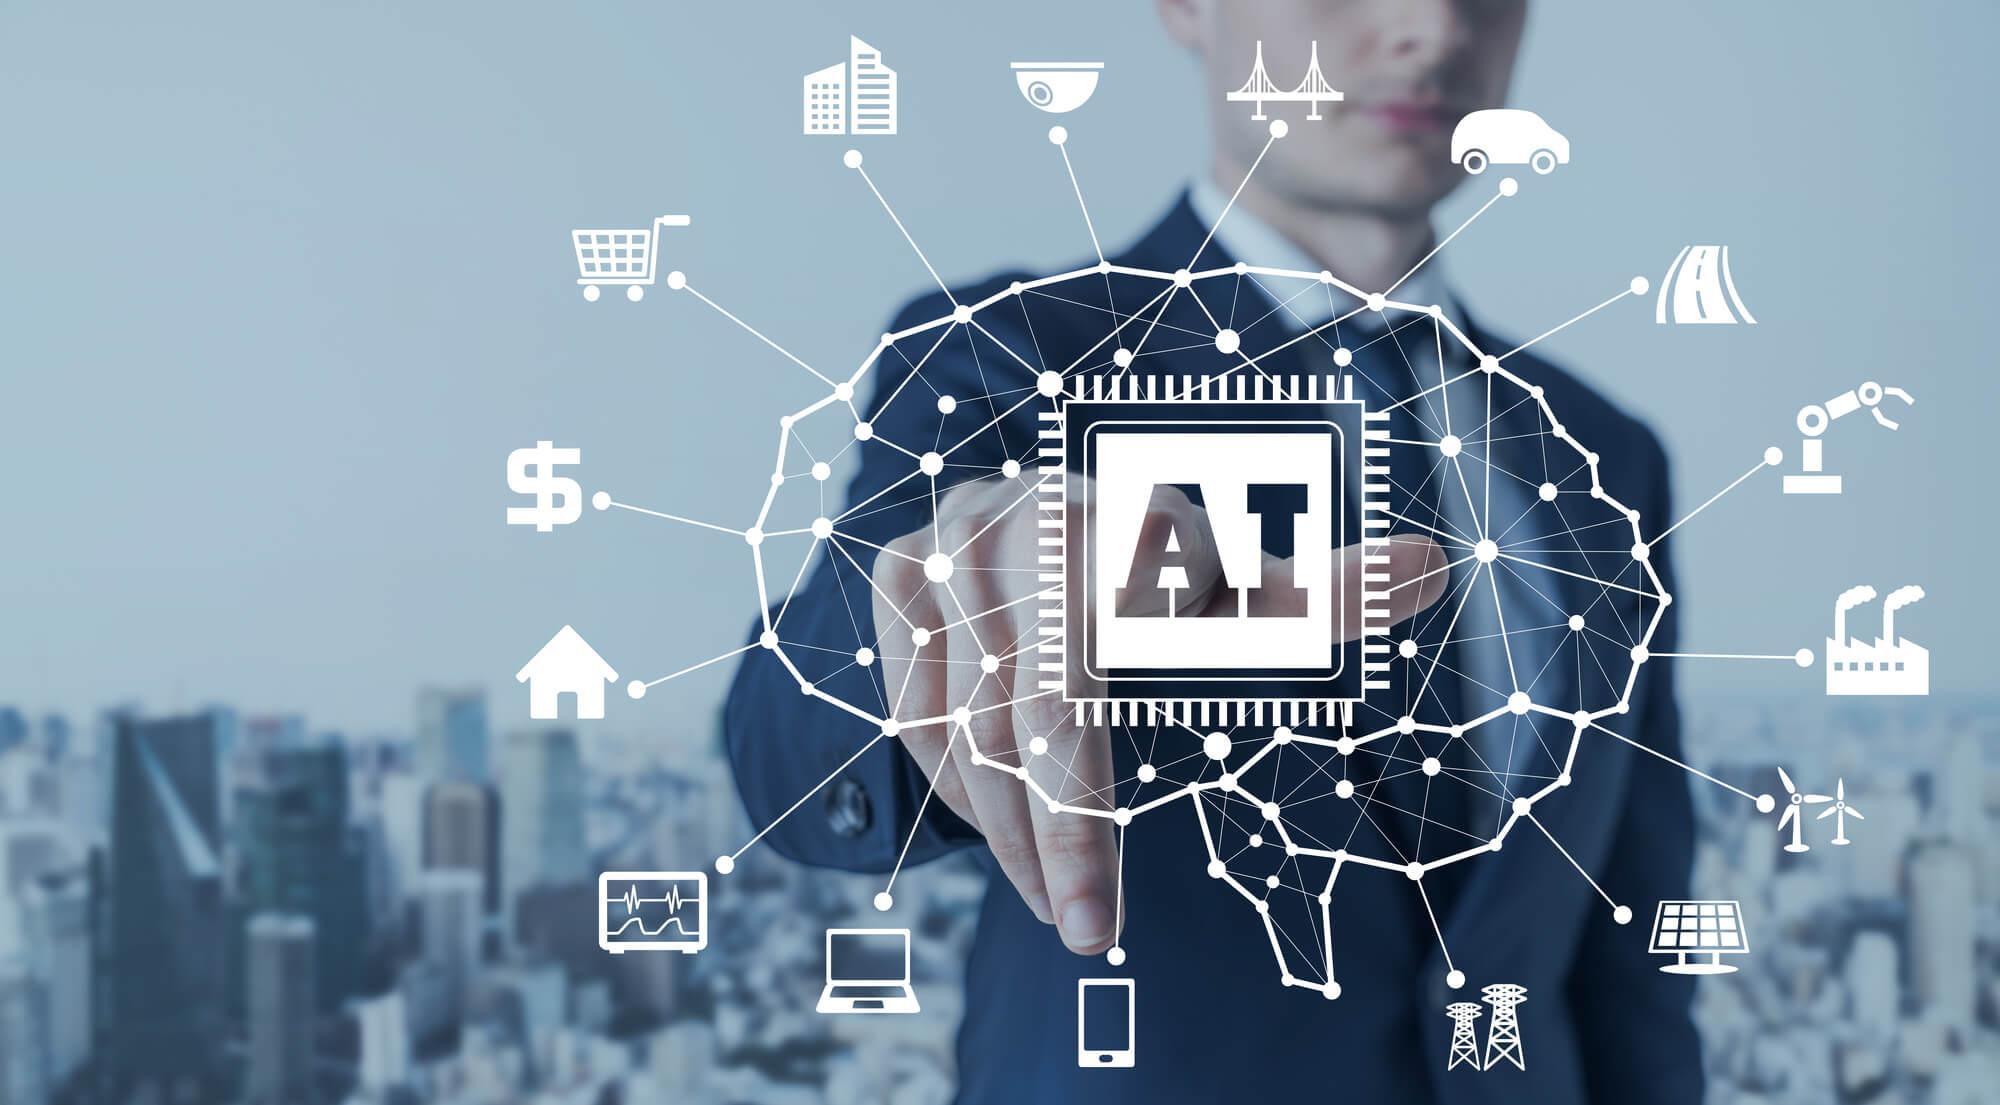 Исскуственный интеллект, artificial intelligence, AI